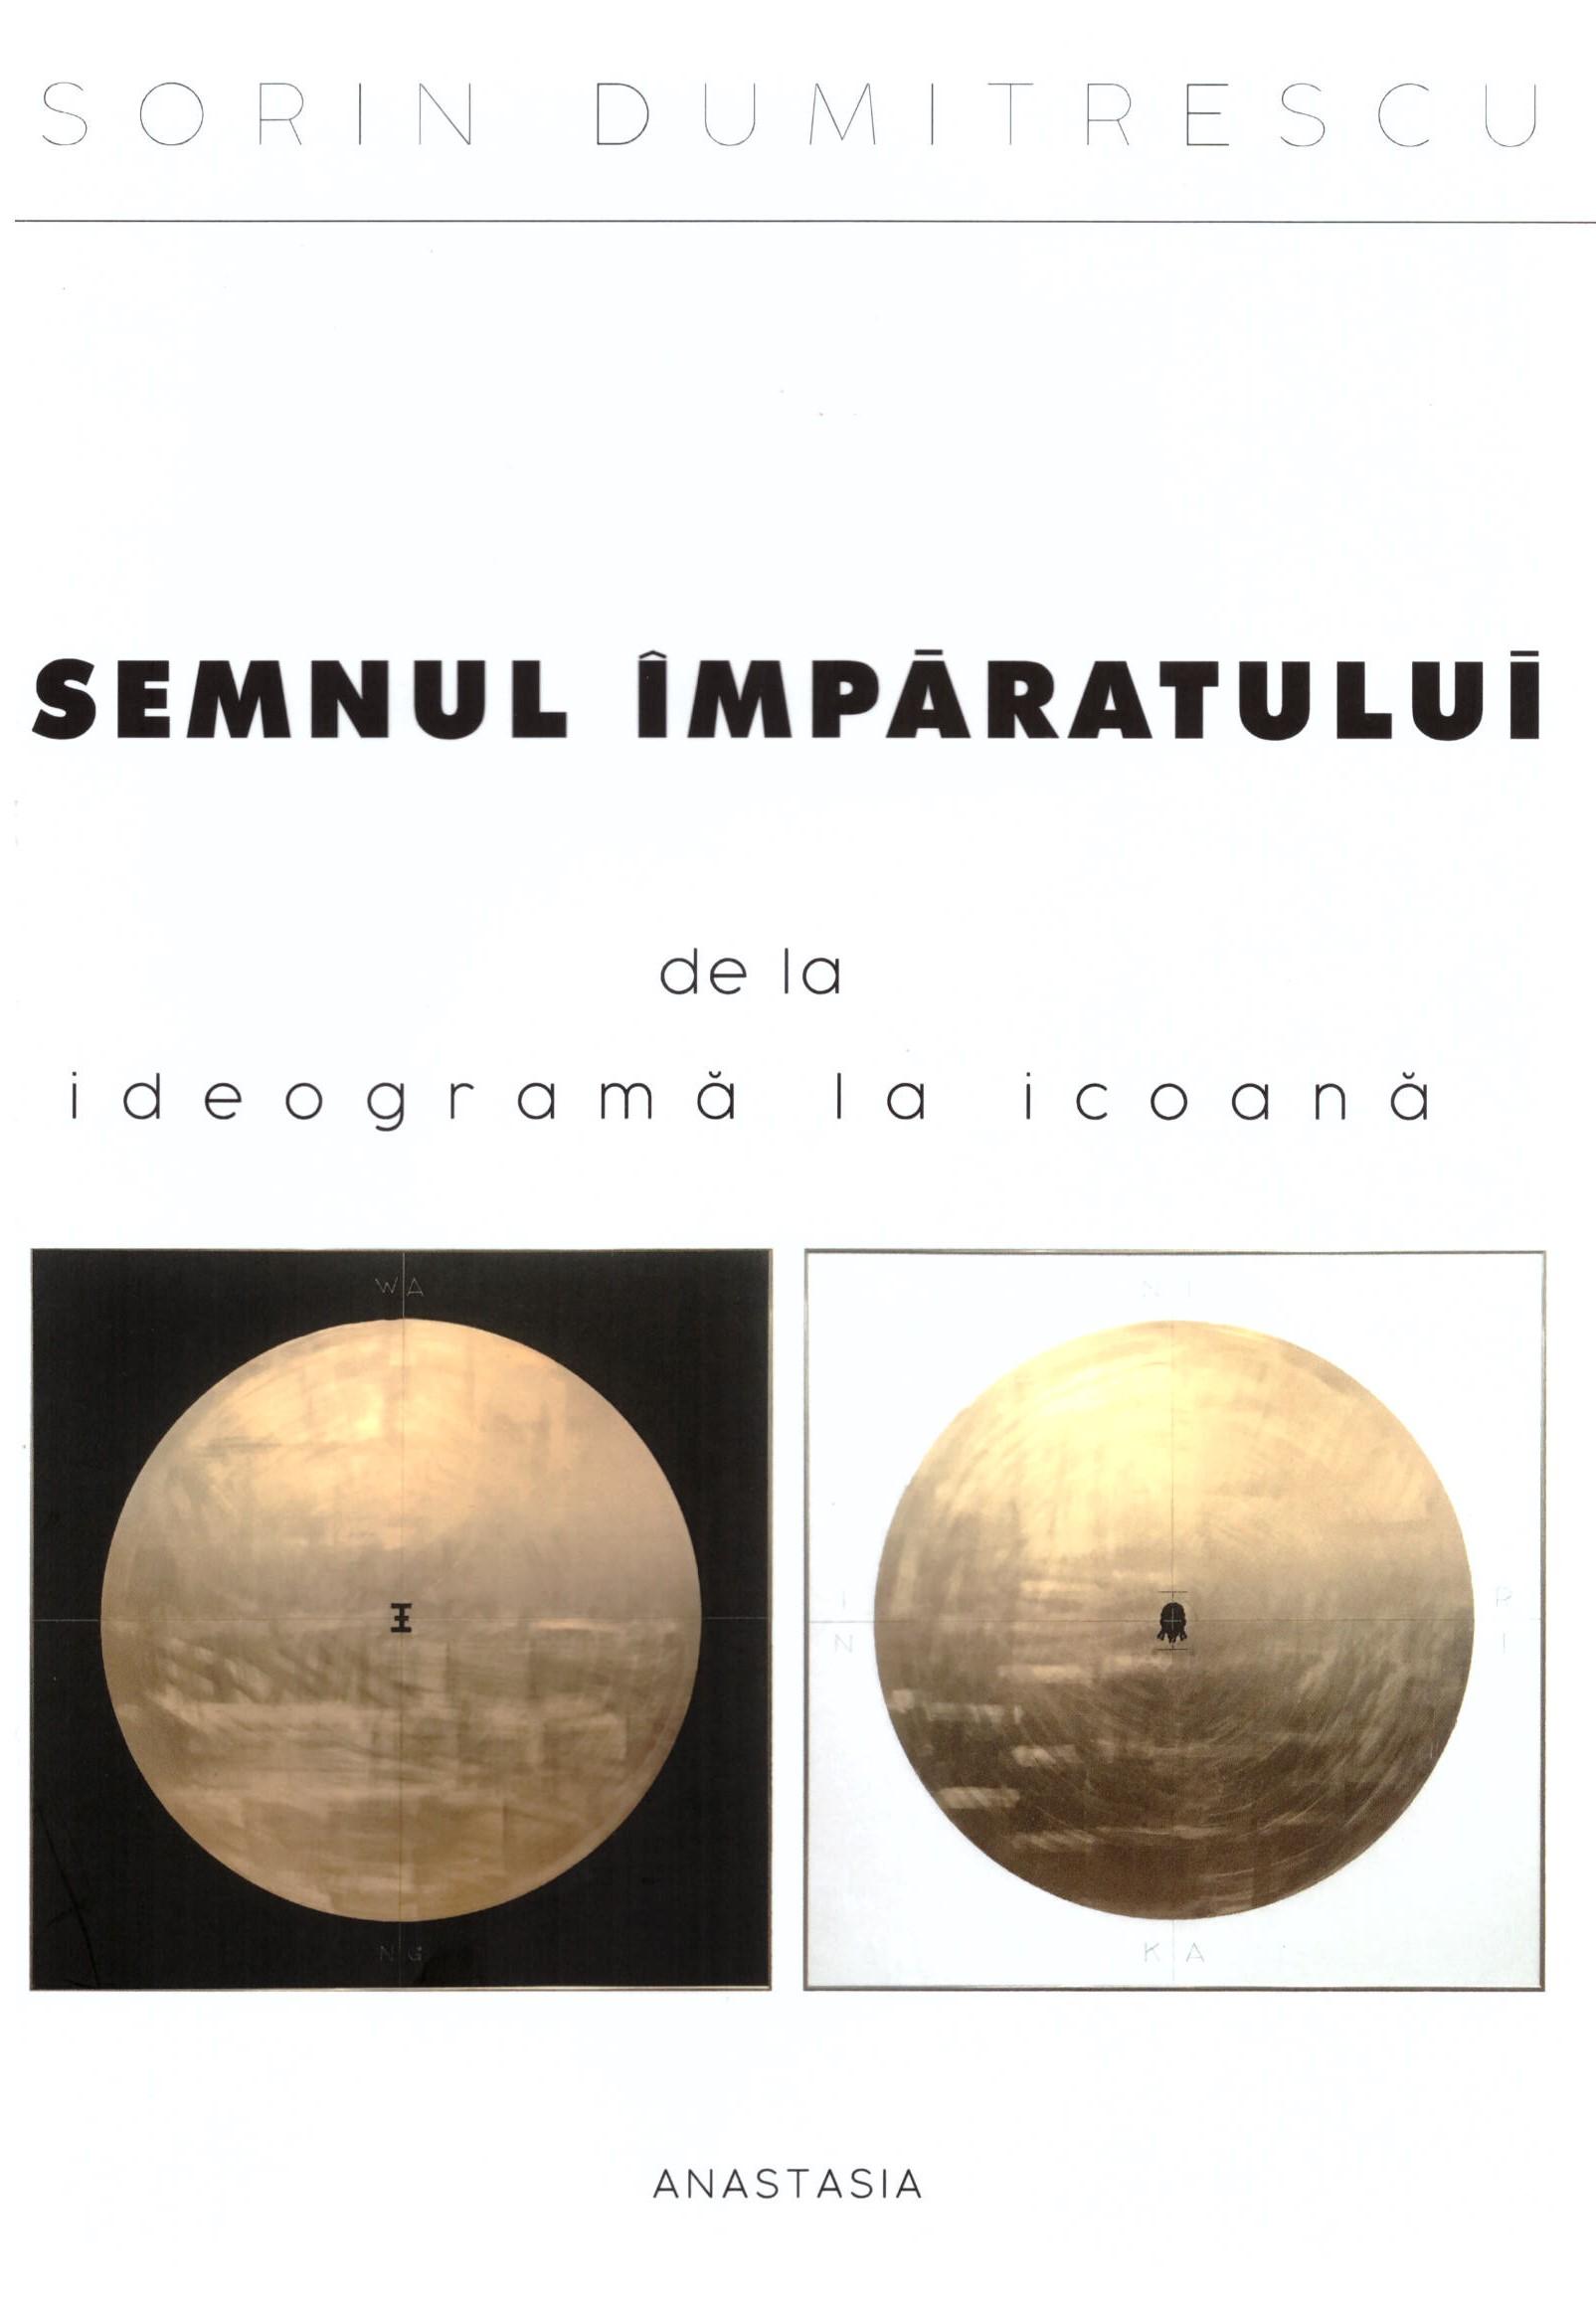 Semnul imparatului de la ideograma la icoana de Sorin Dumitrescu